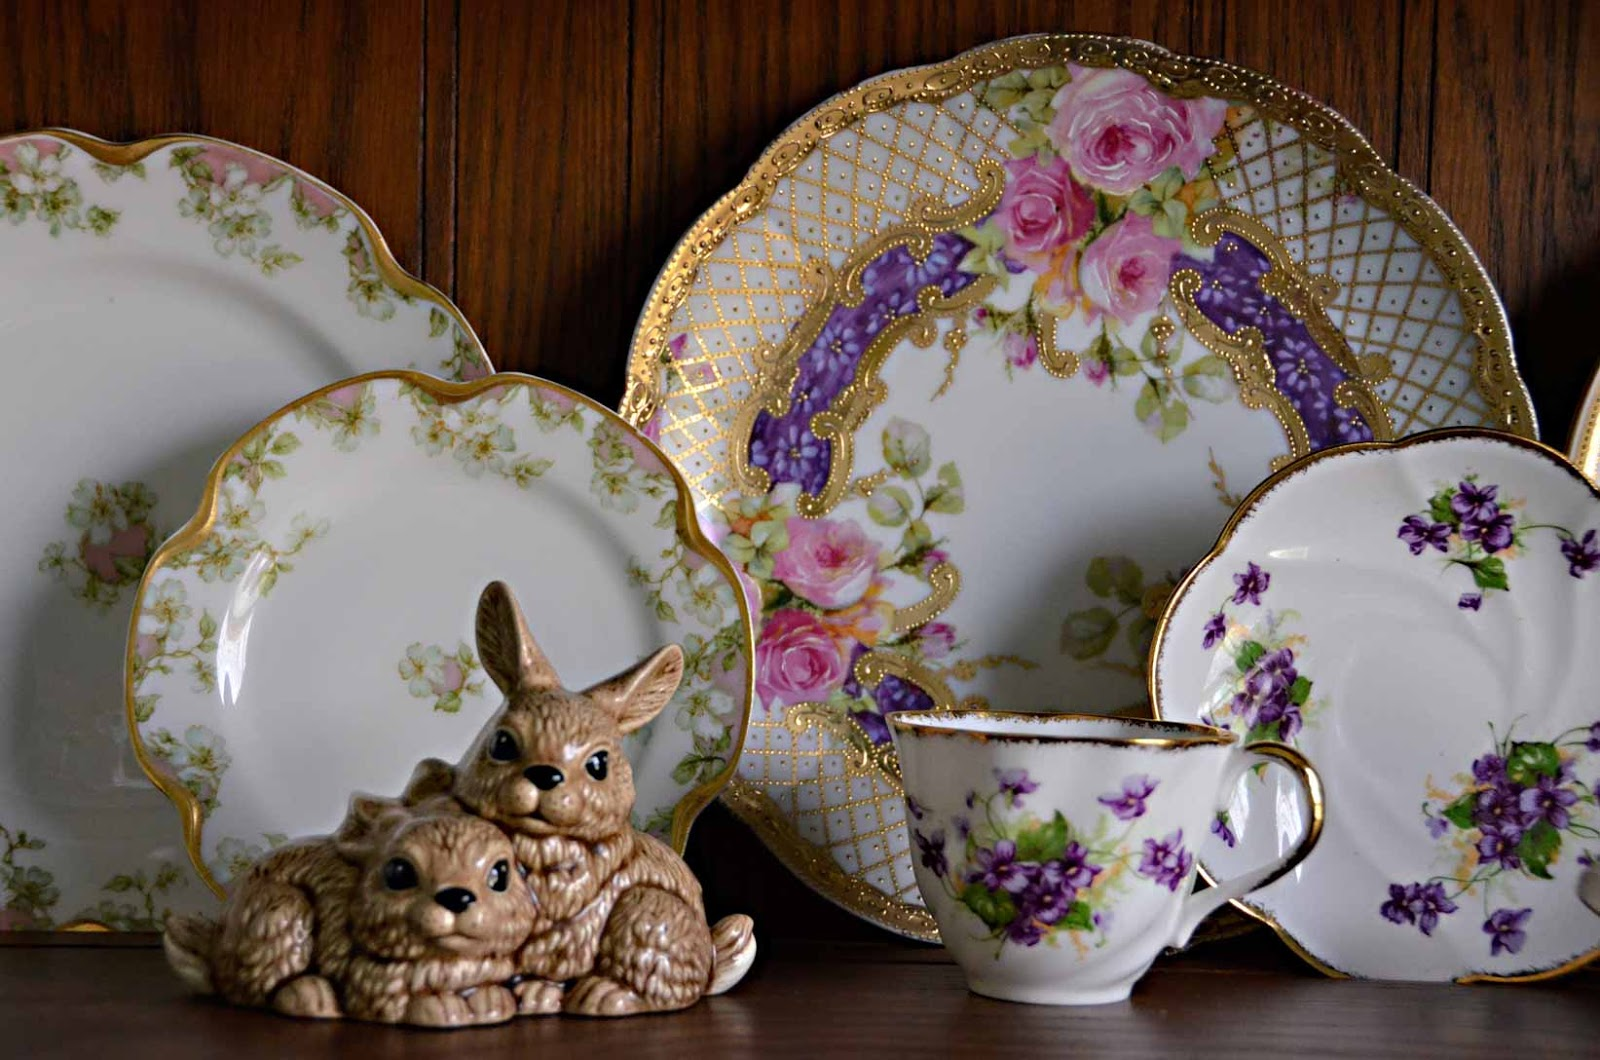 Spring vintage china porcelain plates